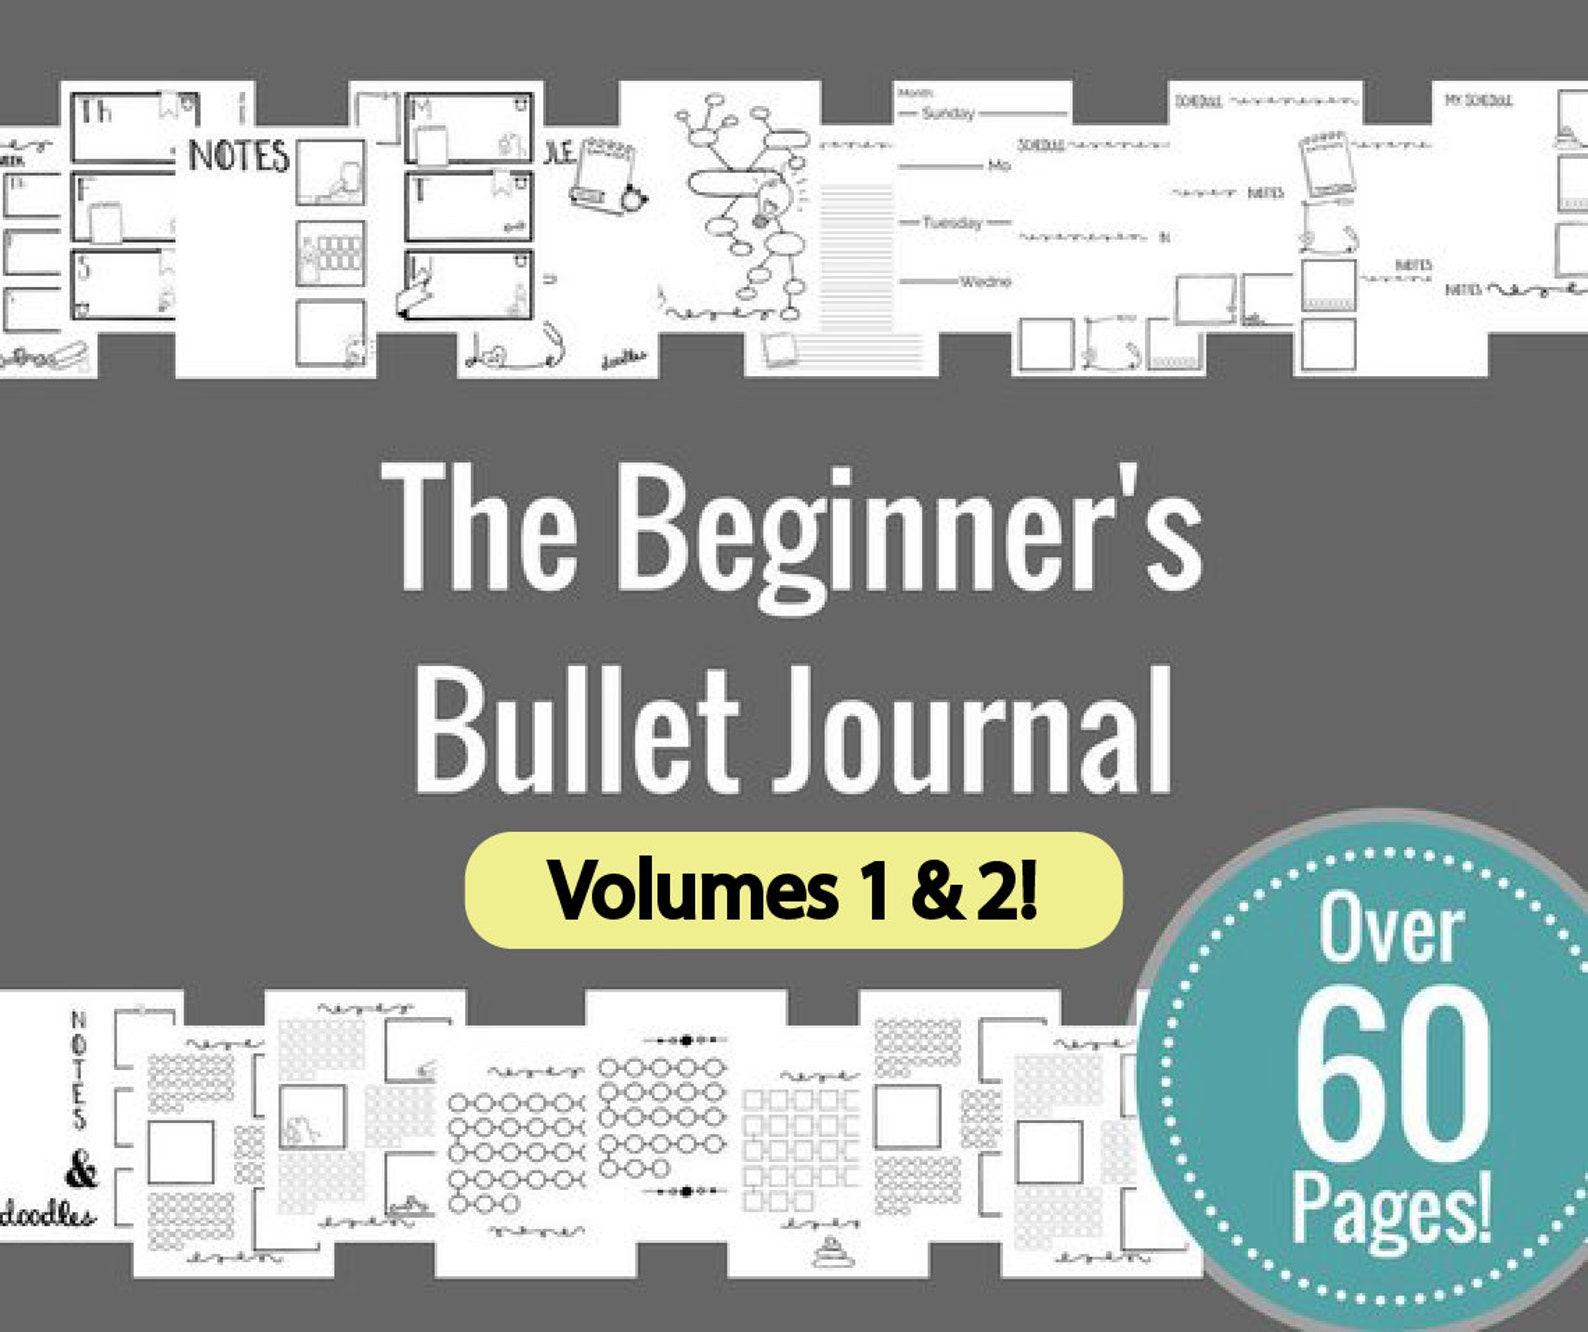 The Beginner's Bullet Journal